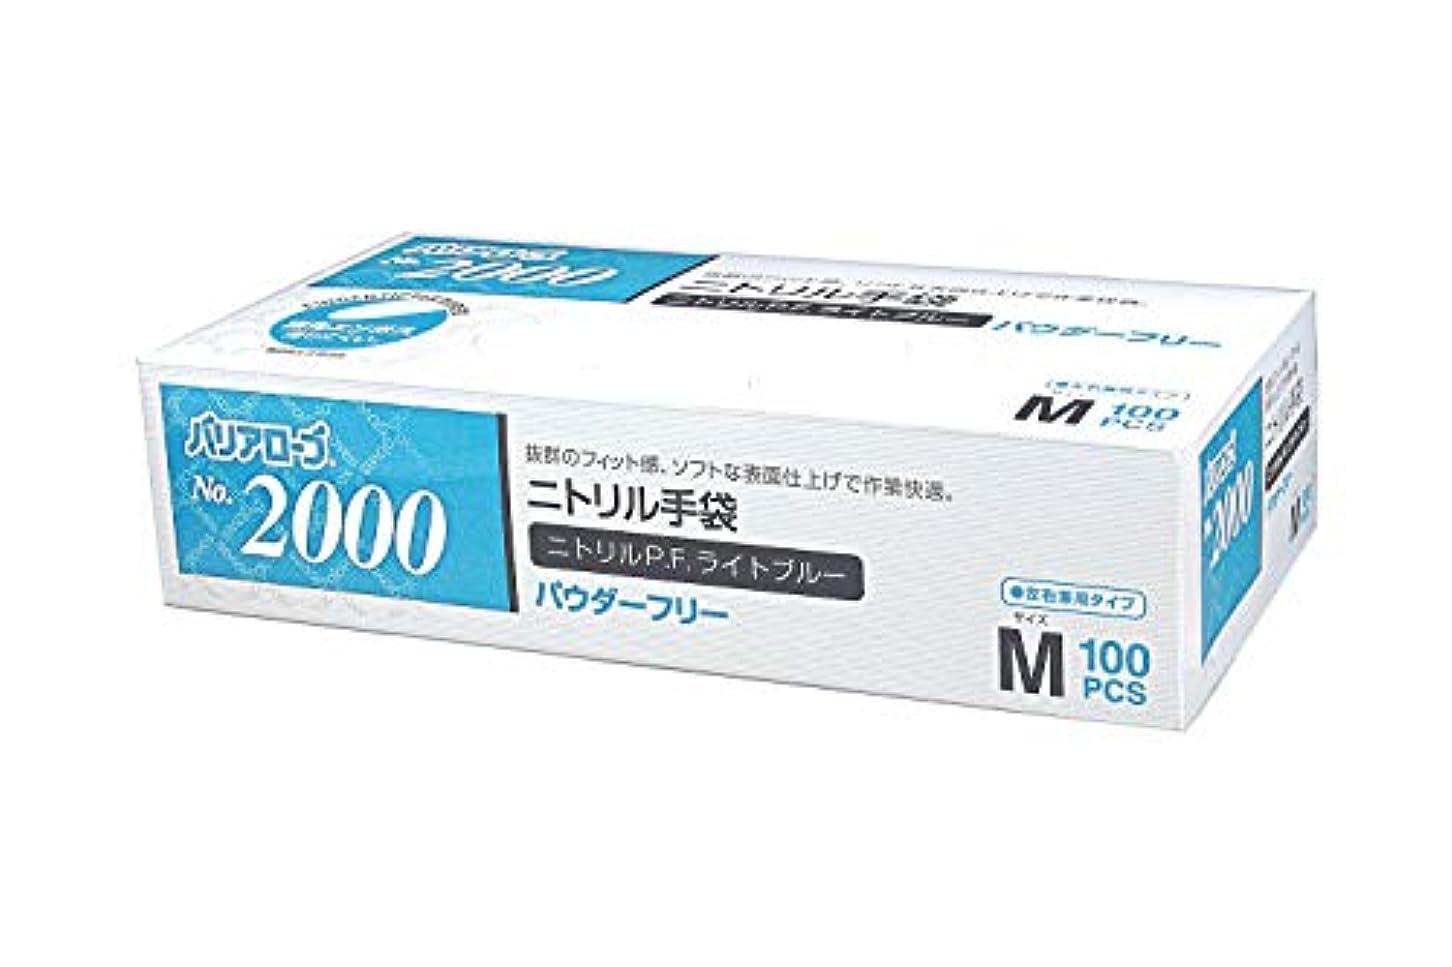 バーターわかる衝突【ケース販売】 バリアローブ №2000 ニトリルP.F.ライト ブルー (パウダーフリー) M 2000枚(100枚×20箱)